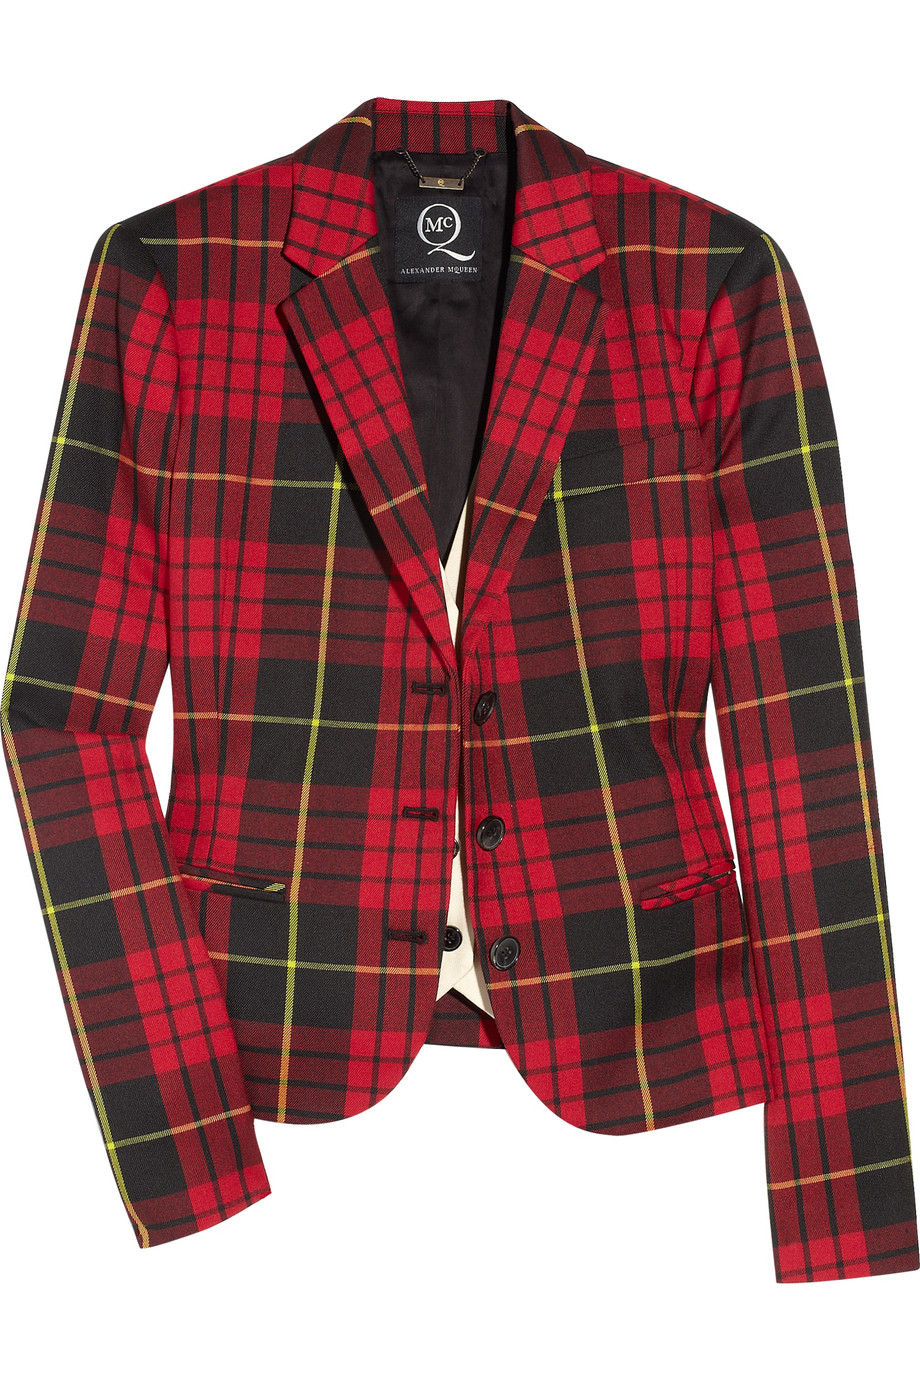 Mcq Tartan Plaid Blazer In Red Lyst